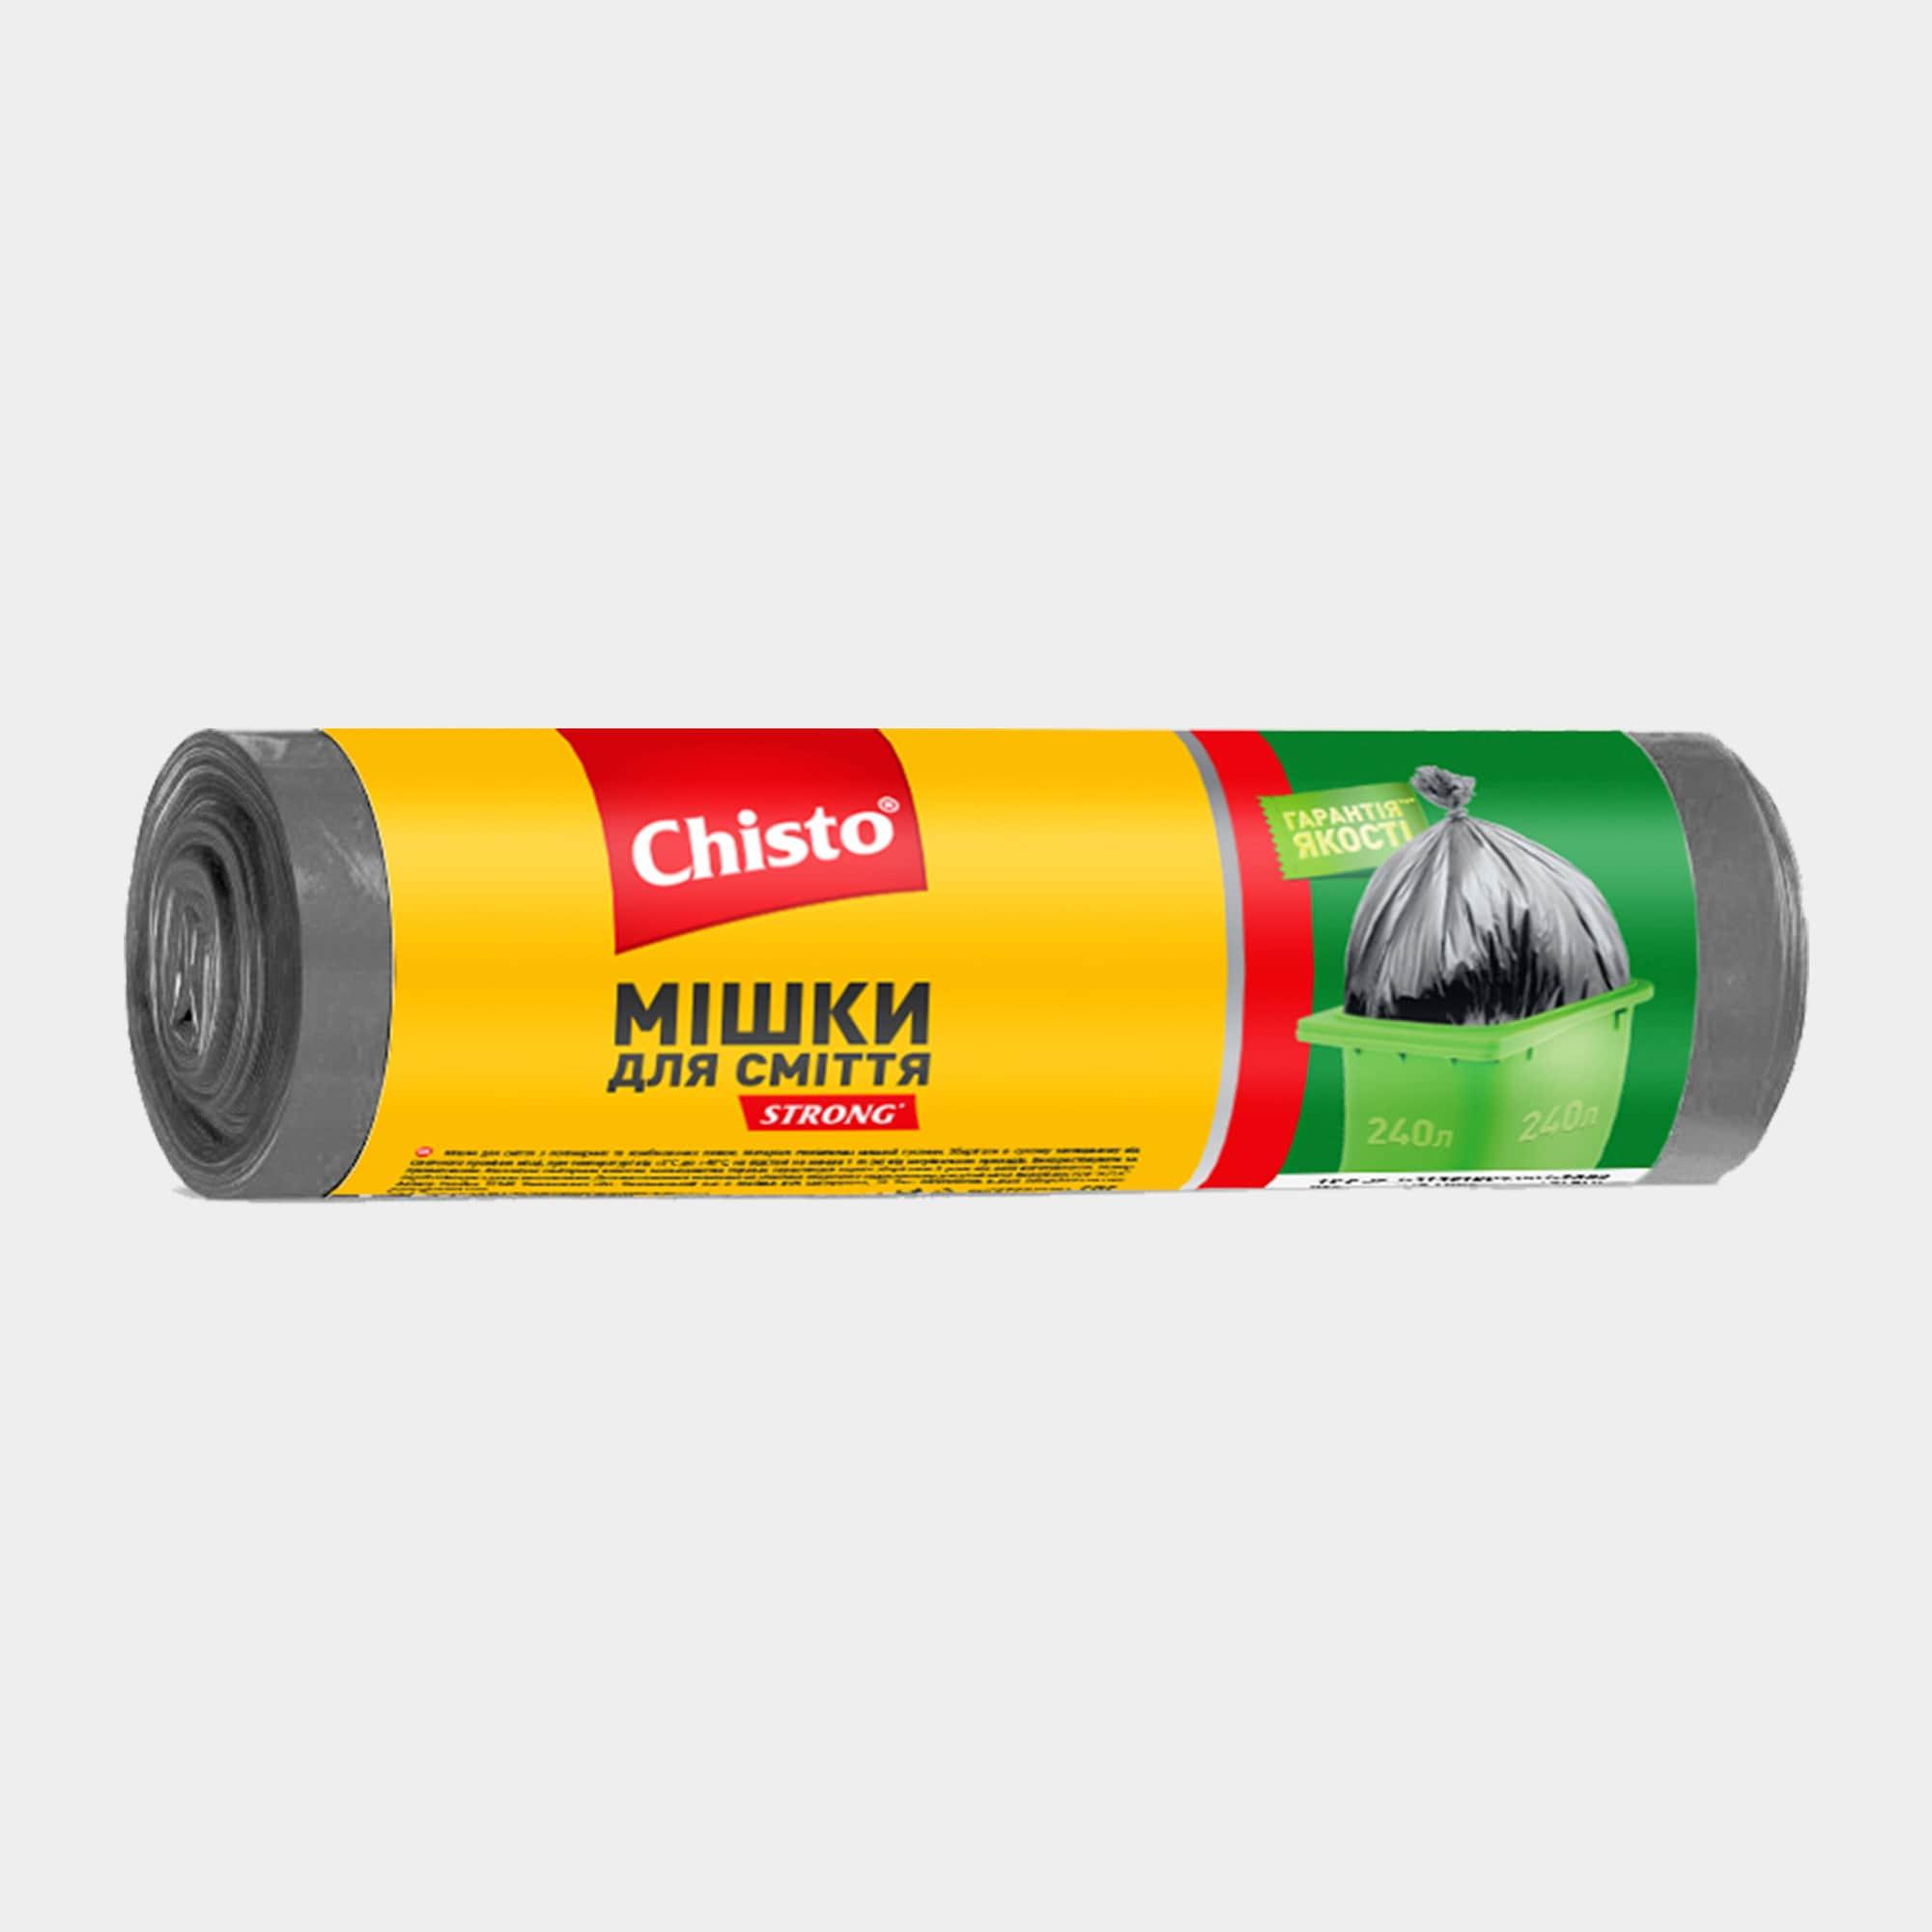 Мешки для мусора, 240л х 5шт. | Продукция ТМ Chisto